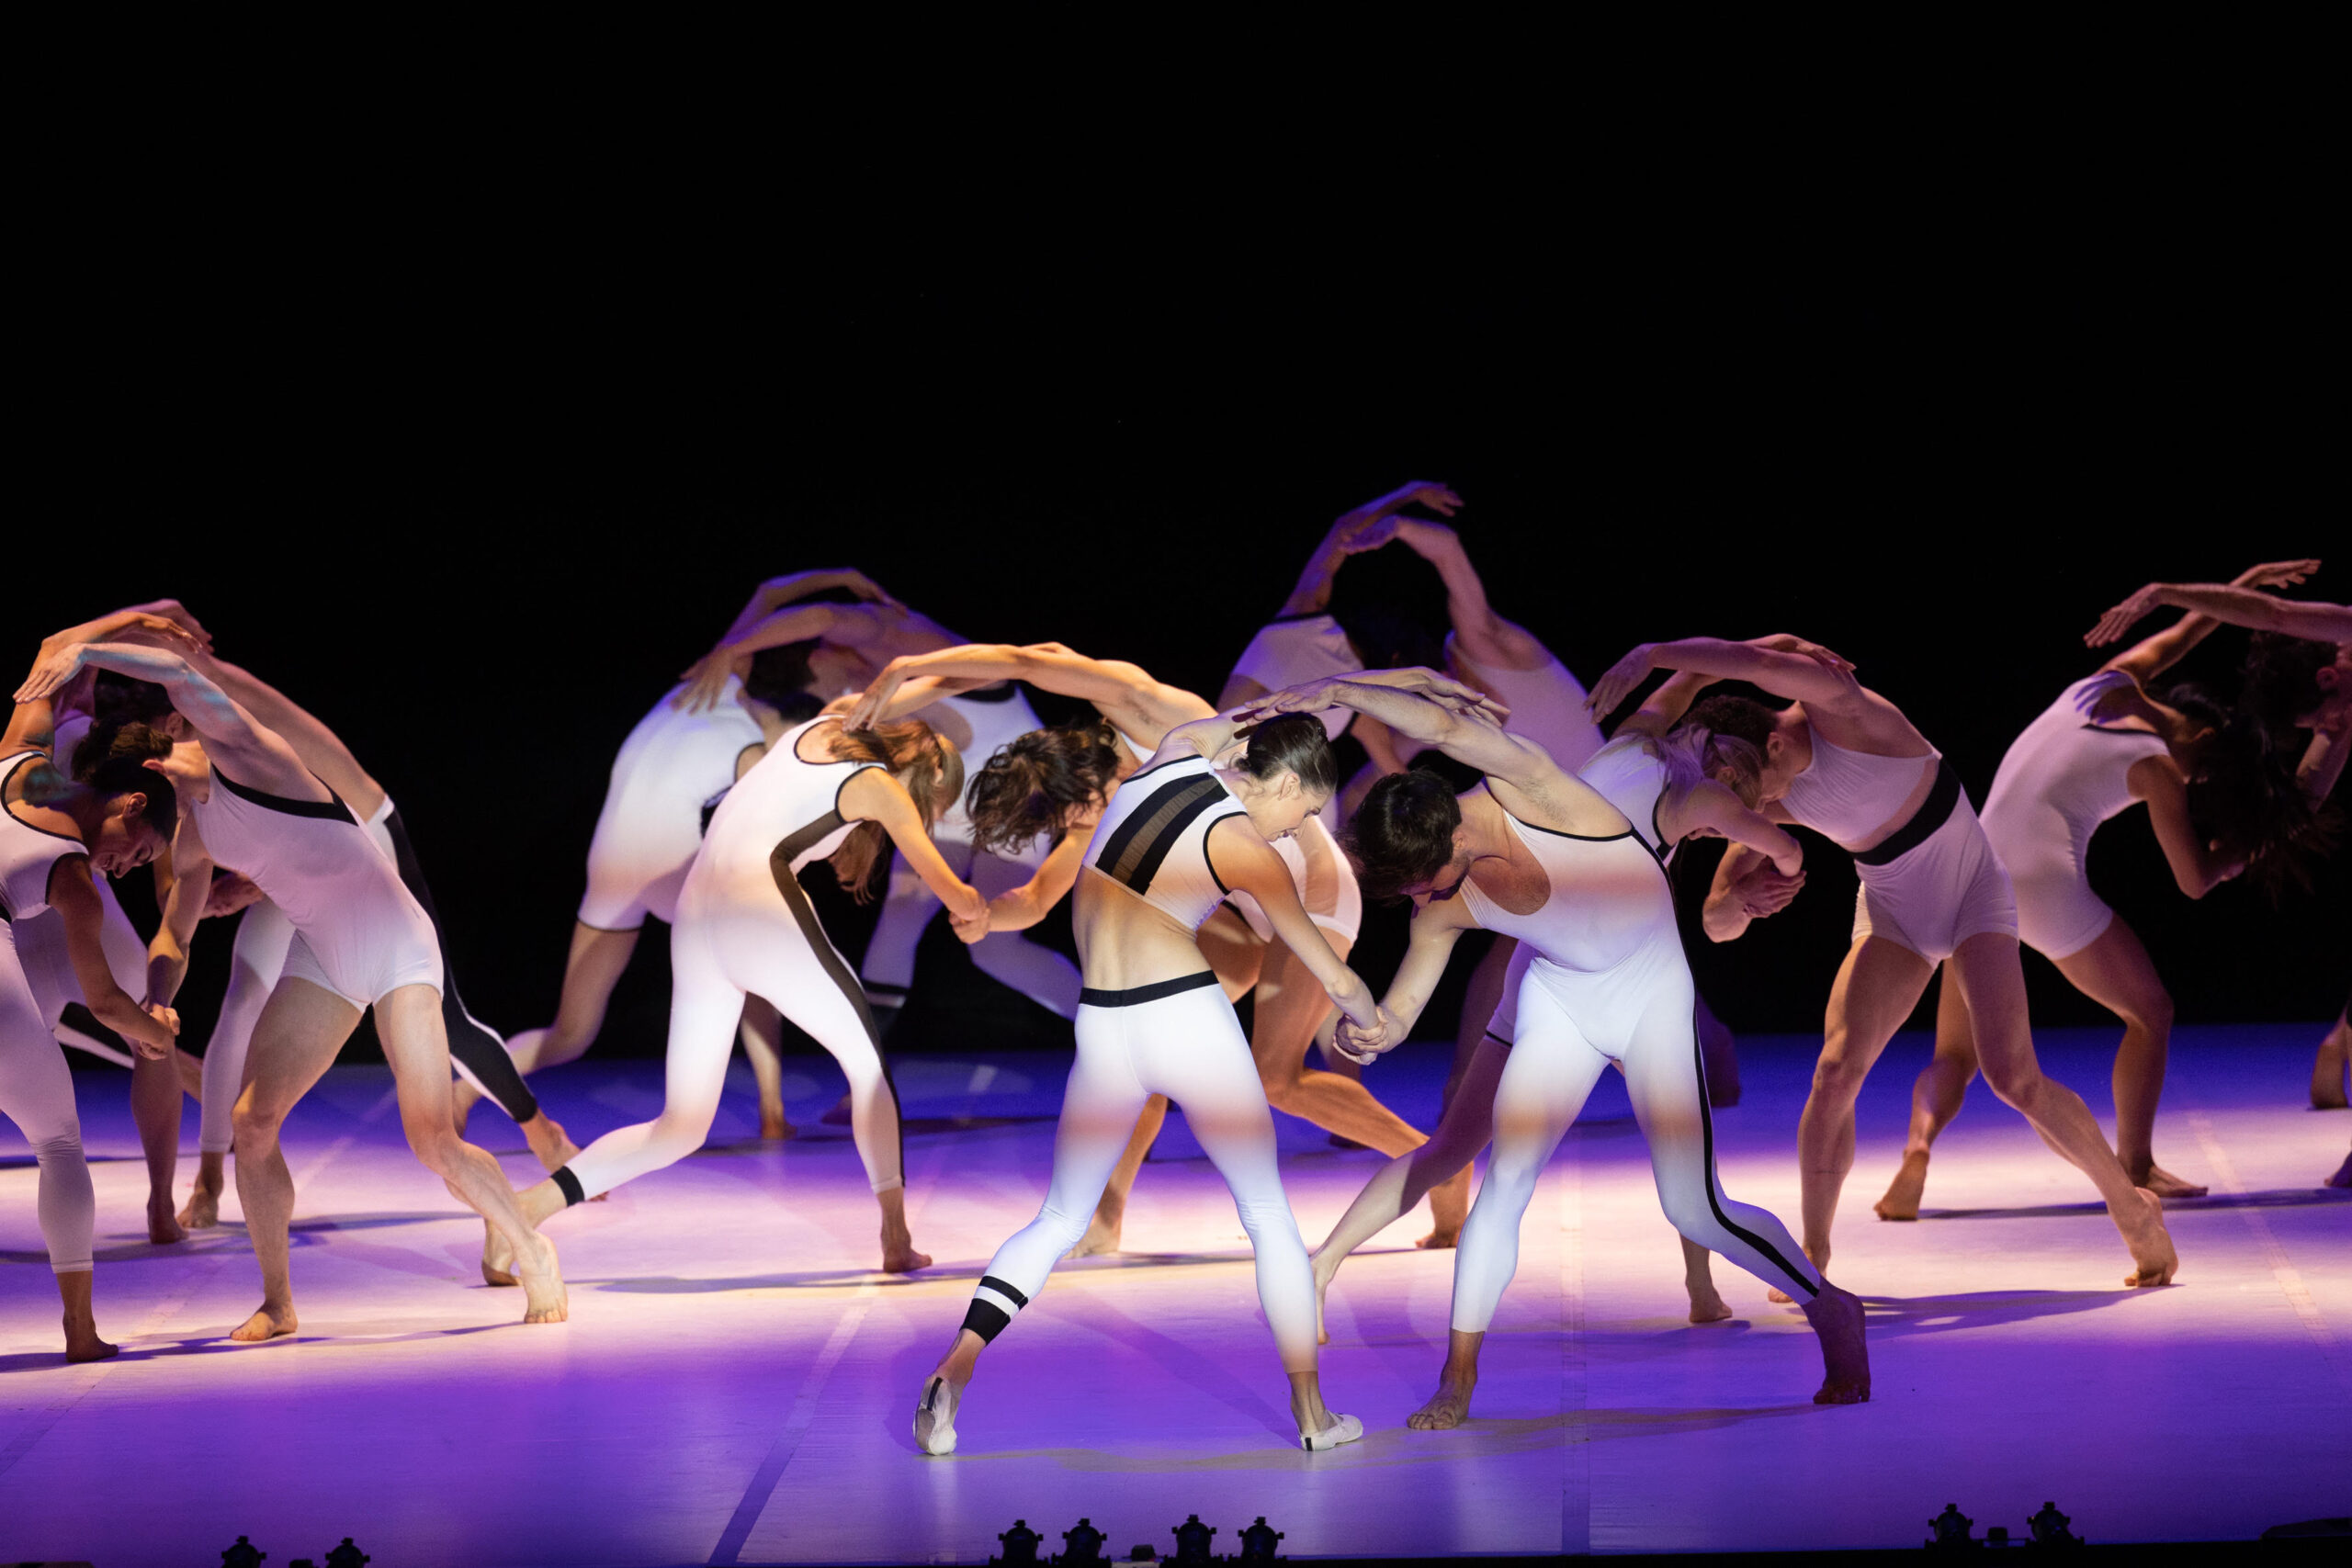 Ballarins de la companyia Béjart Ballet Lausanne actuen al Festival de Peralada en l'acte inaugural de la mostra. Peralada (Alt Empordà), 17 de juliol del 2021 / ACN